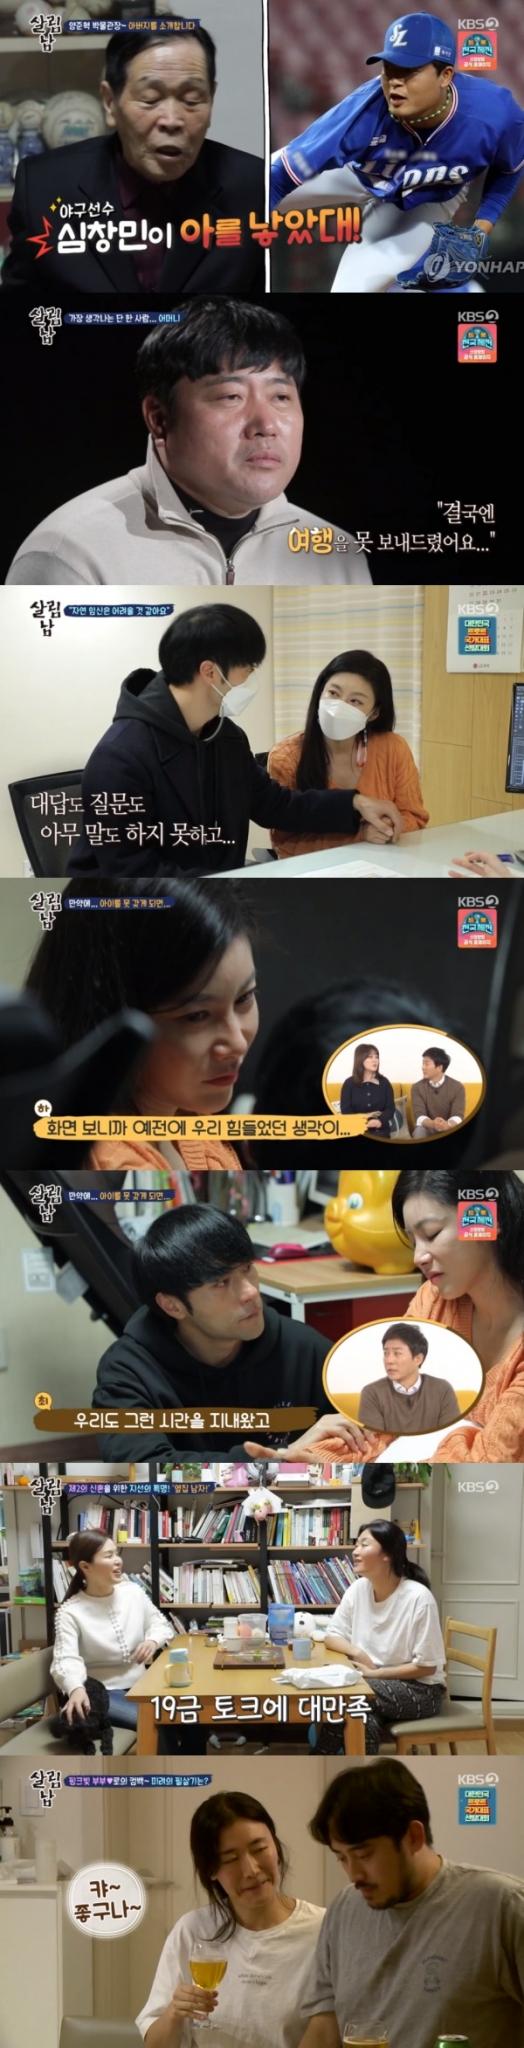 KBS 2TV '살림하는 남자들 시즌2' 방송 화면 캡처 © 뉴스1